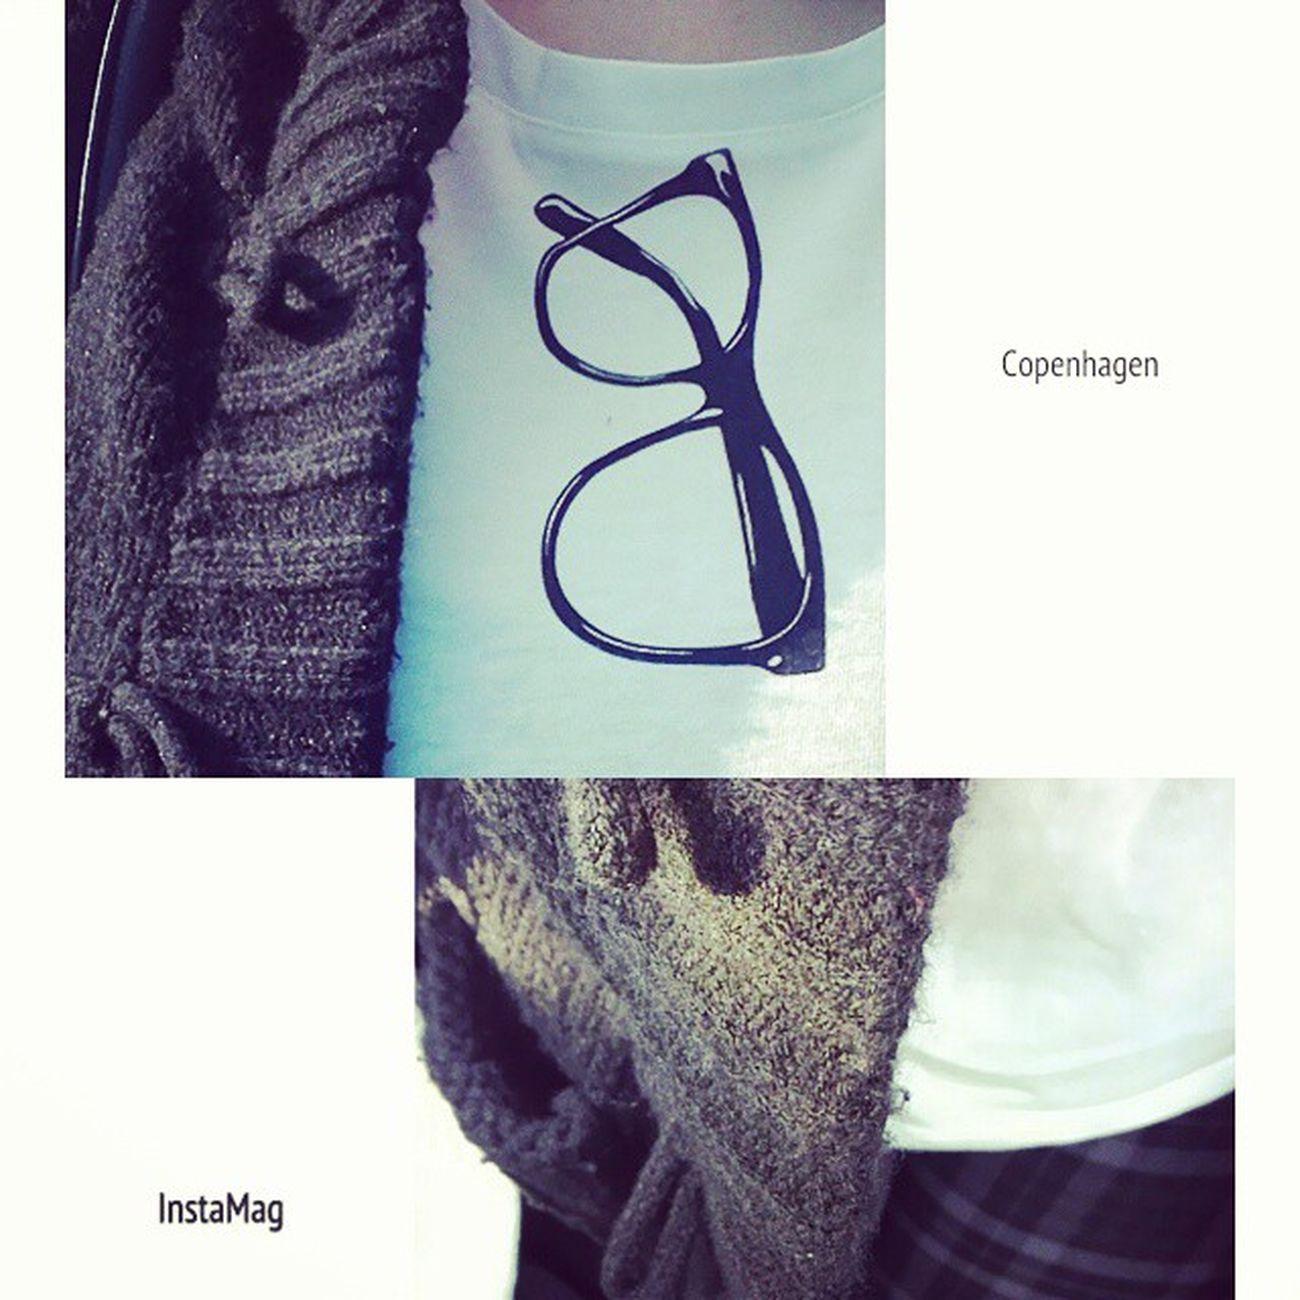 おはようございます♪ 今日は、なんちゃって眼鏡Tシャツにカーデ、チェックパンツを着ちゃいました✨ モノトーン大好き? おはようございます なんちゃって眼鏡Tシャツ カーディガン チェックパンツ backnumberUNIQLO